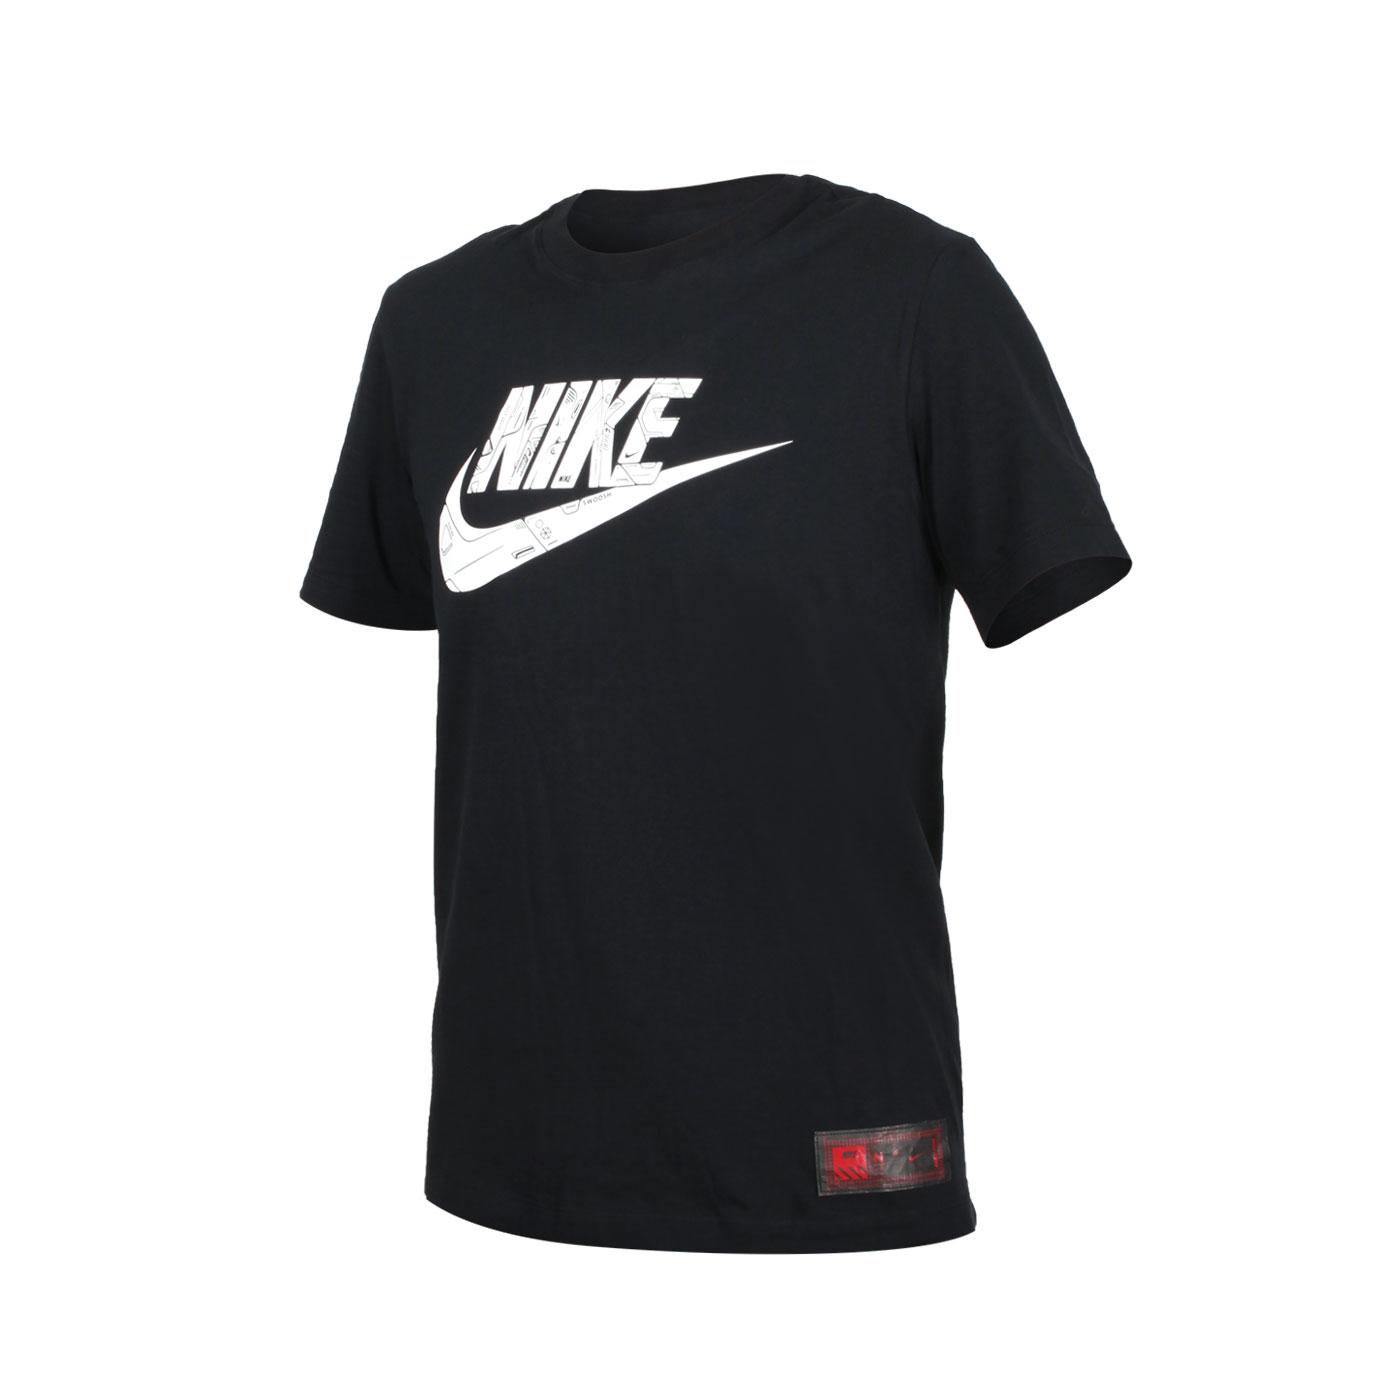 NIKE 男款短袖T恤 DJ1396-010